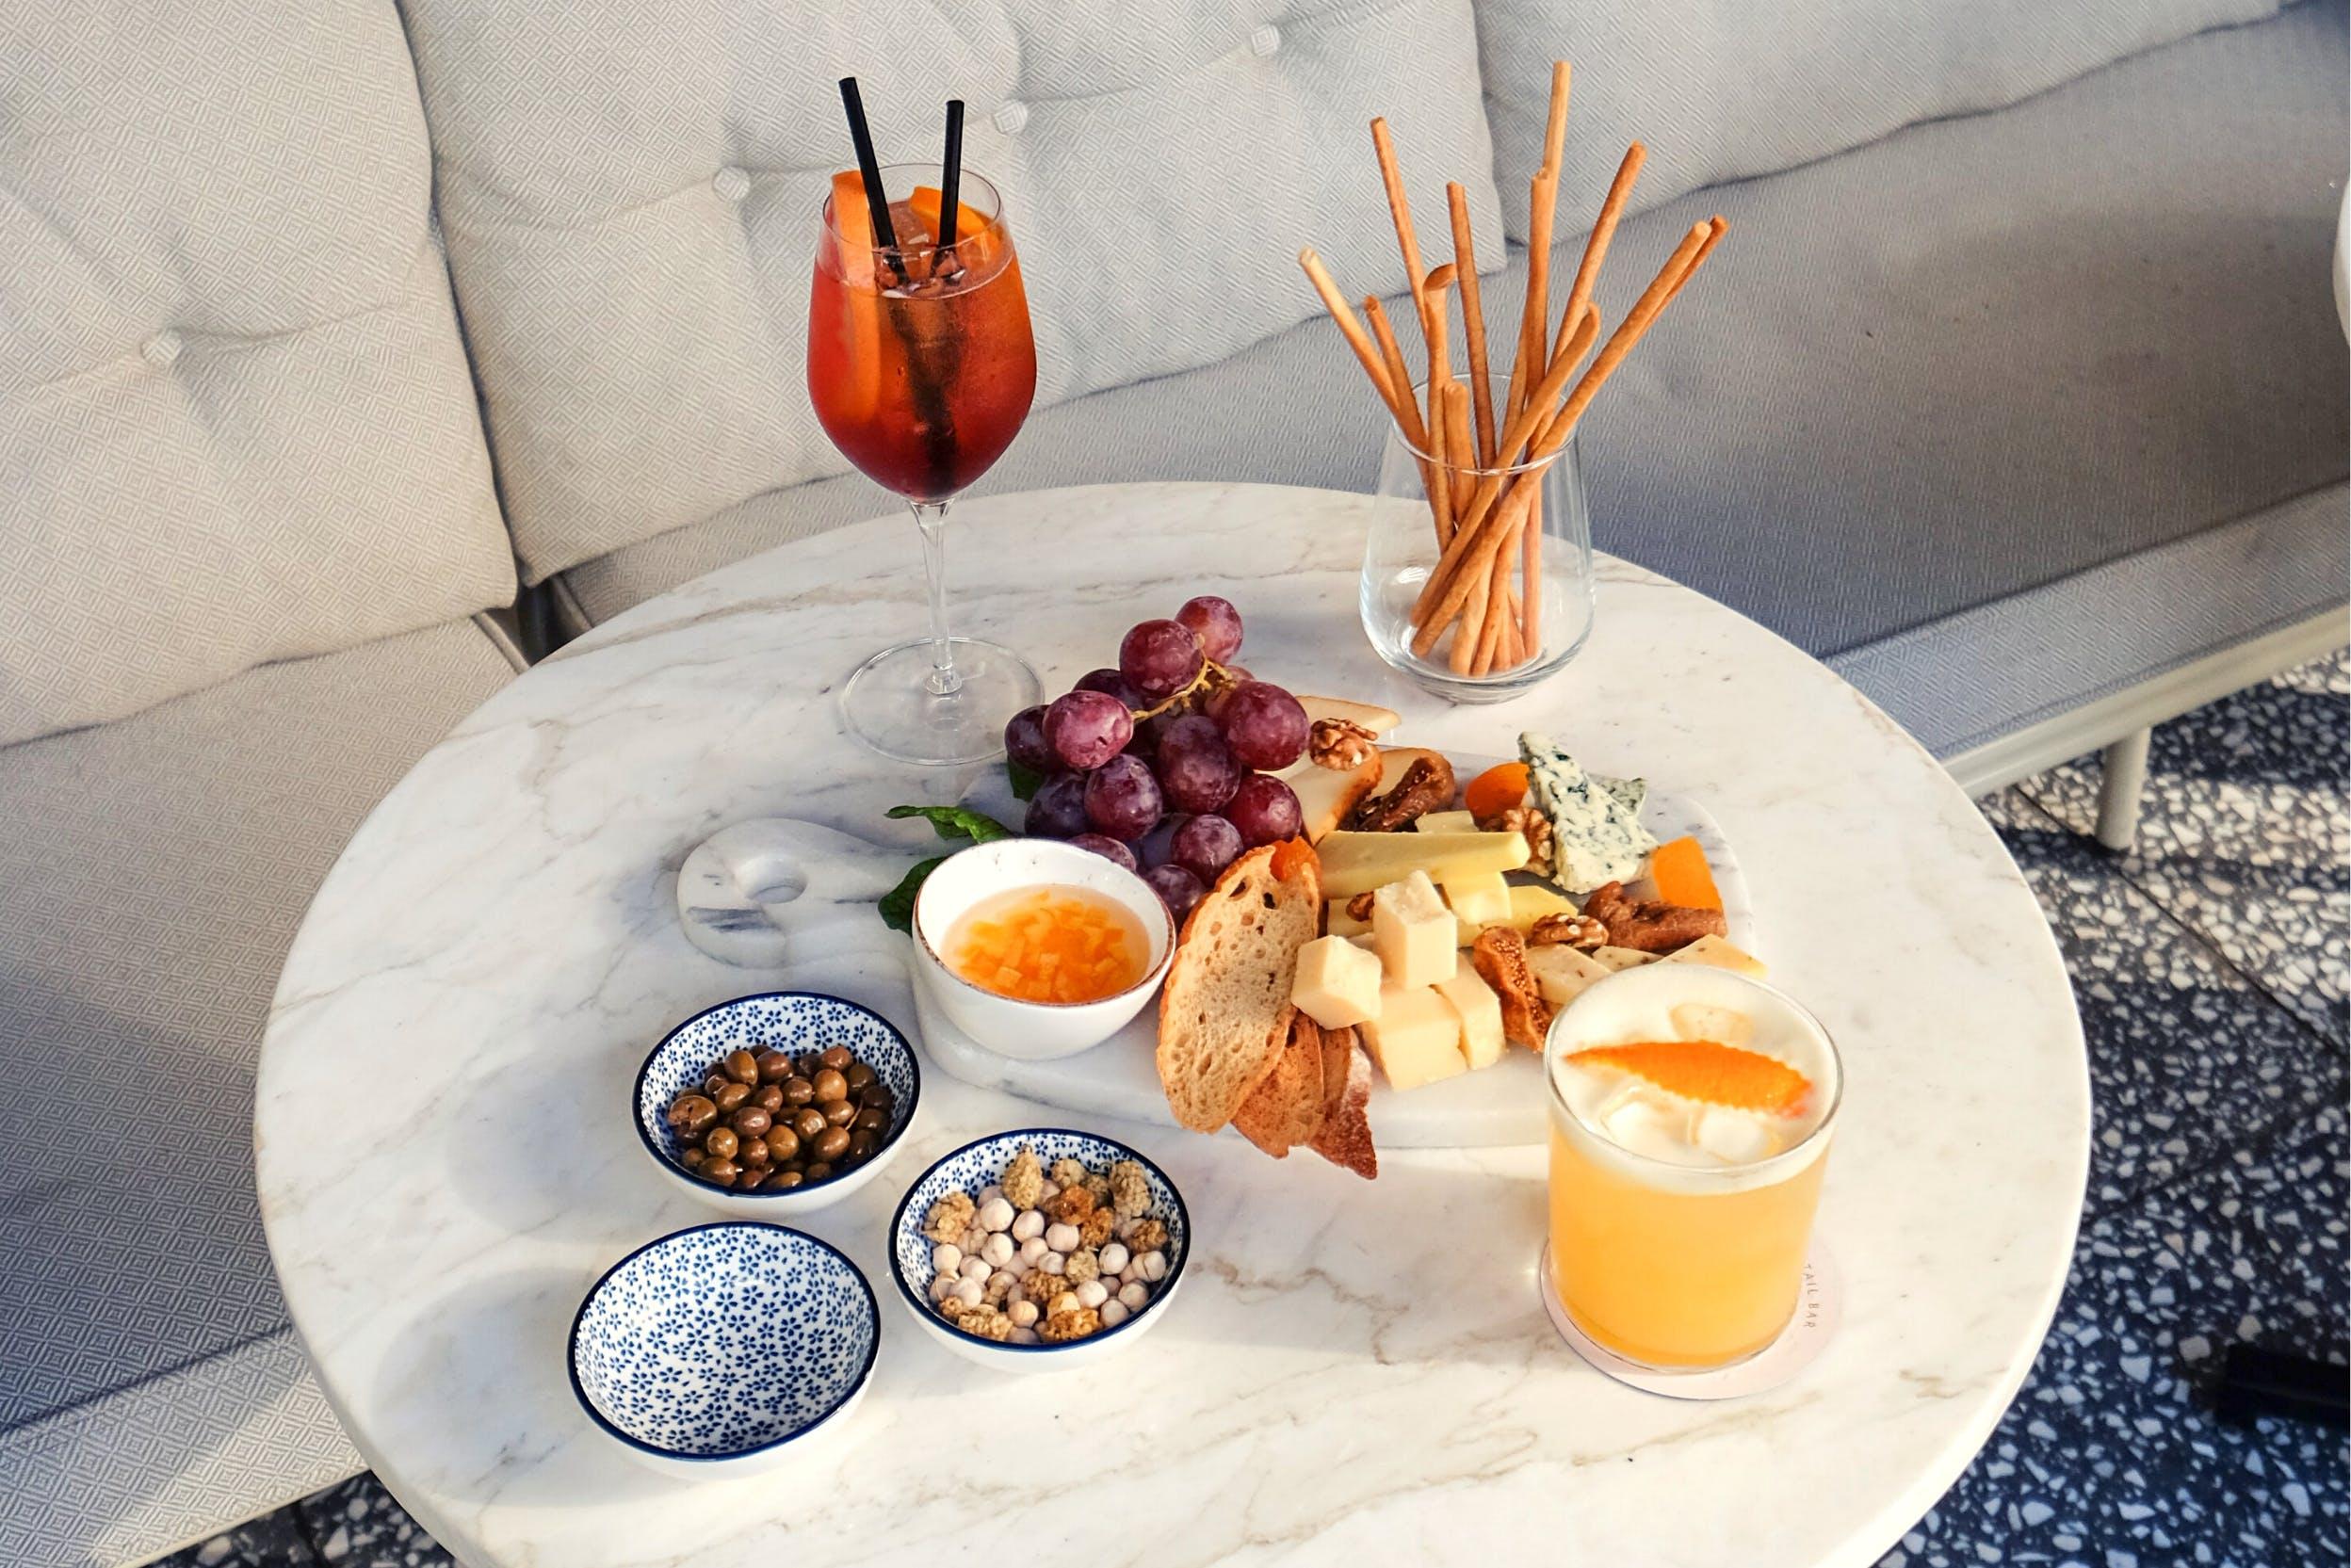 Weißer Tisch mit bunten Schalen, Trauben und Käseplatte